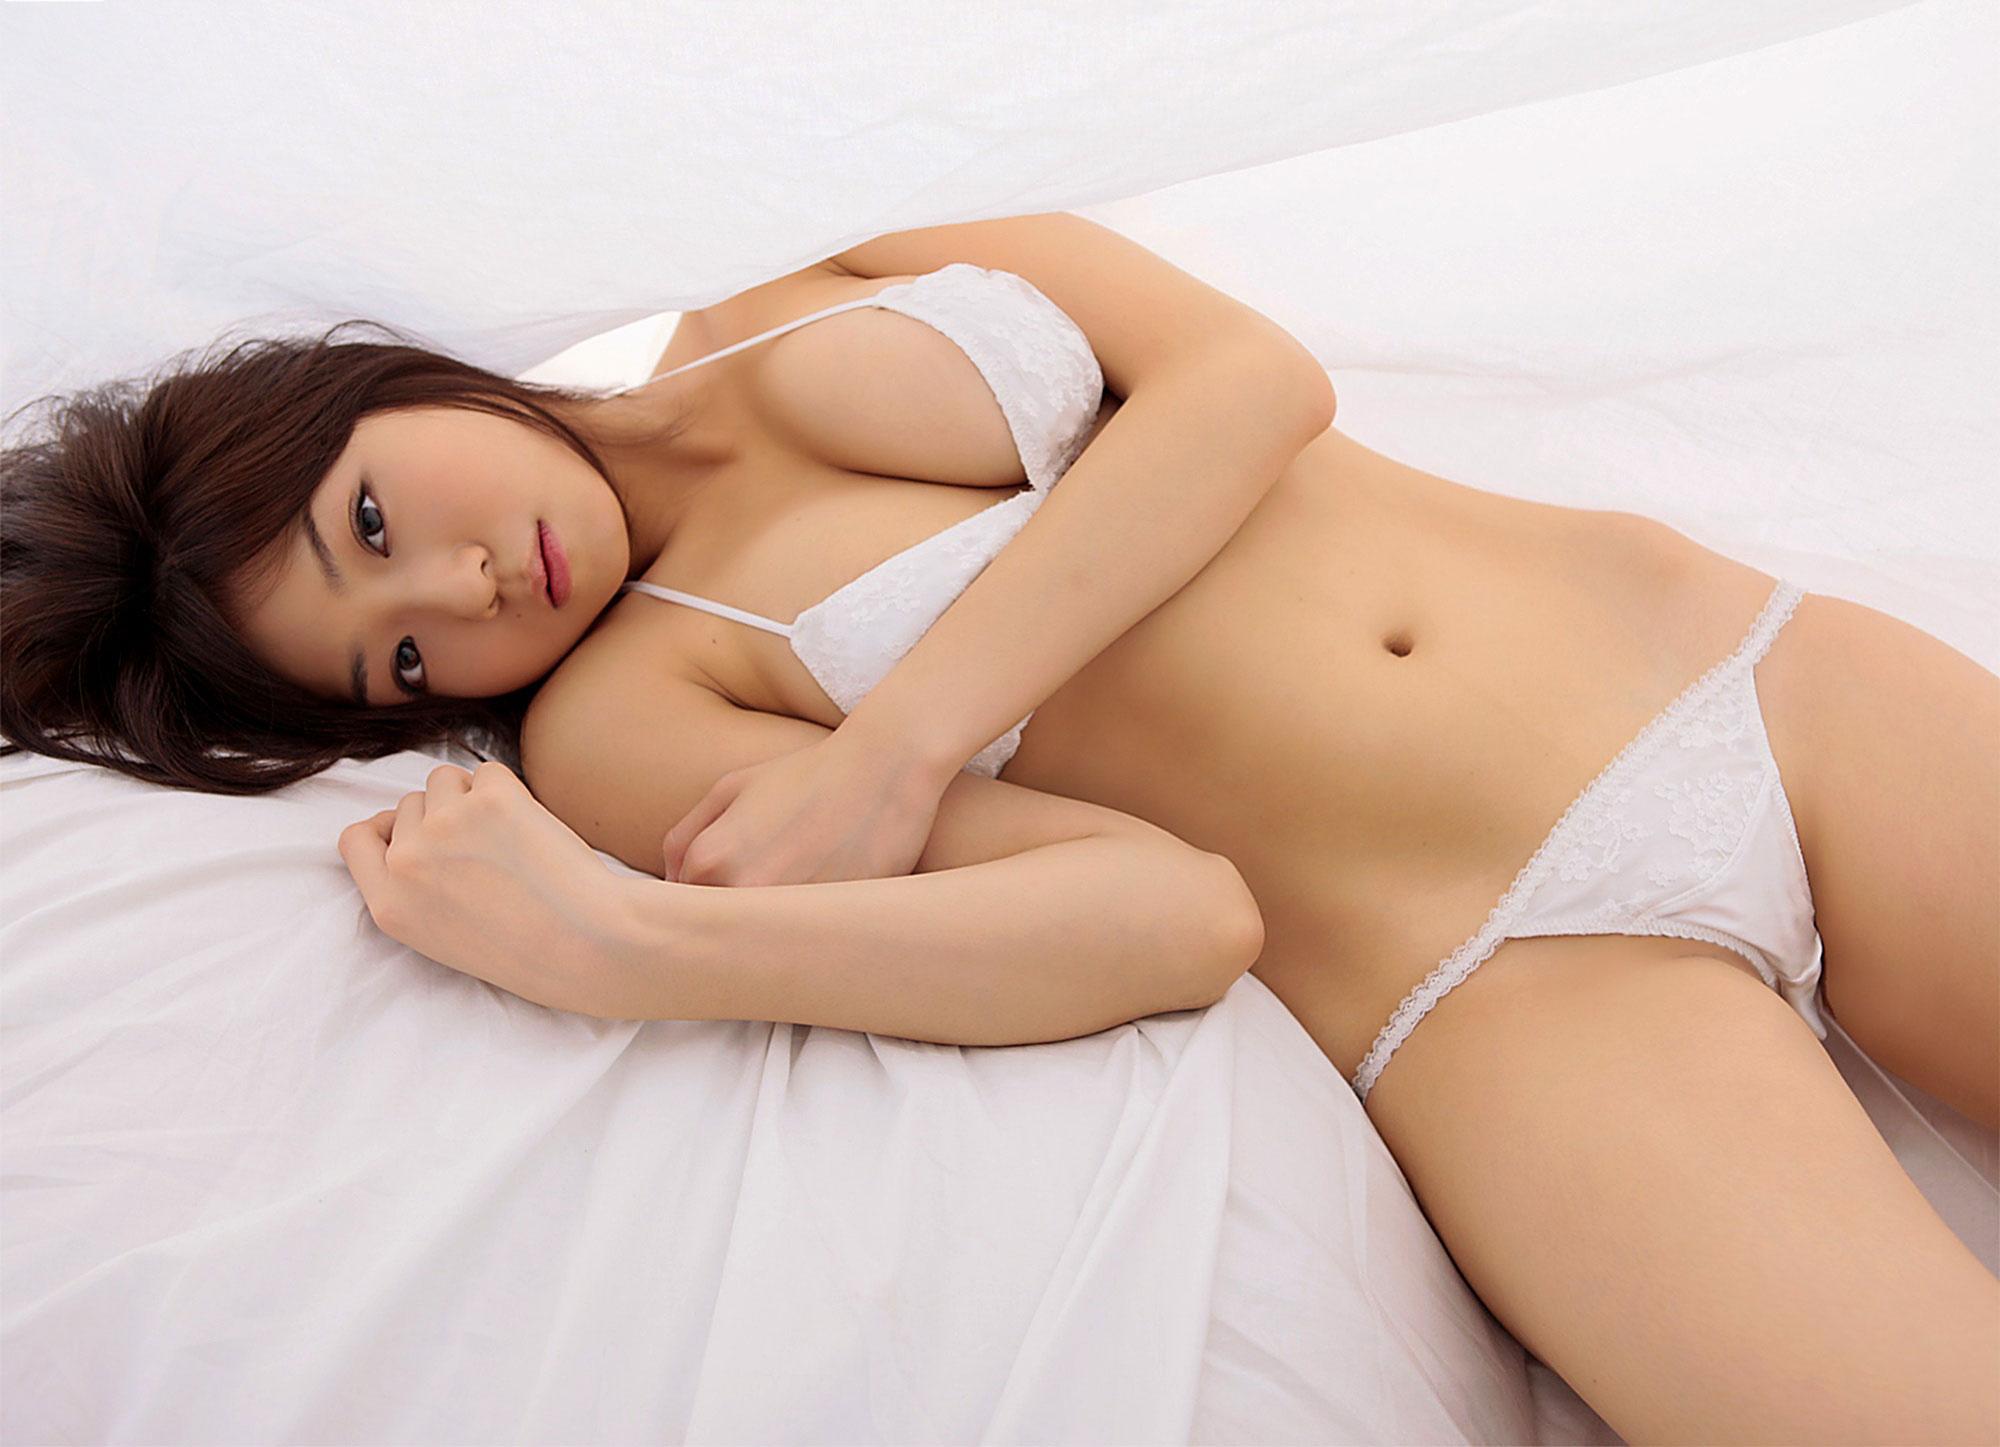 【おっぱい】全裸に飽きたときに重宝するおっぱいが見えているセクシーランジェリーについてwww【30枚】 15